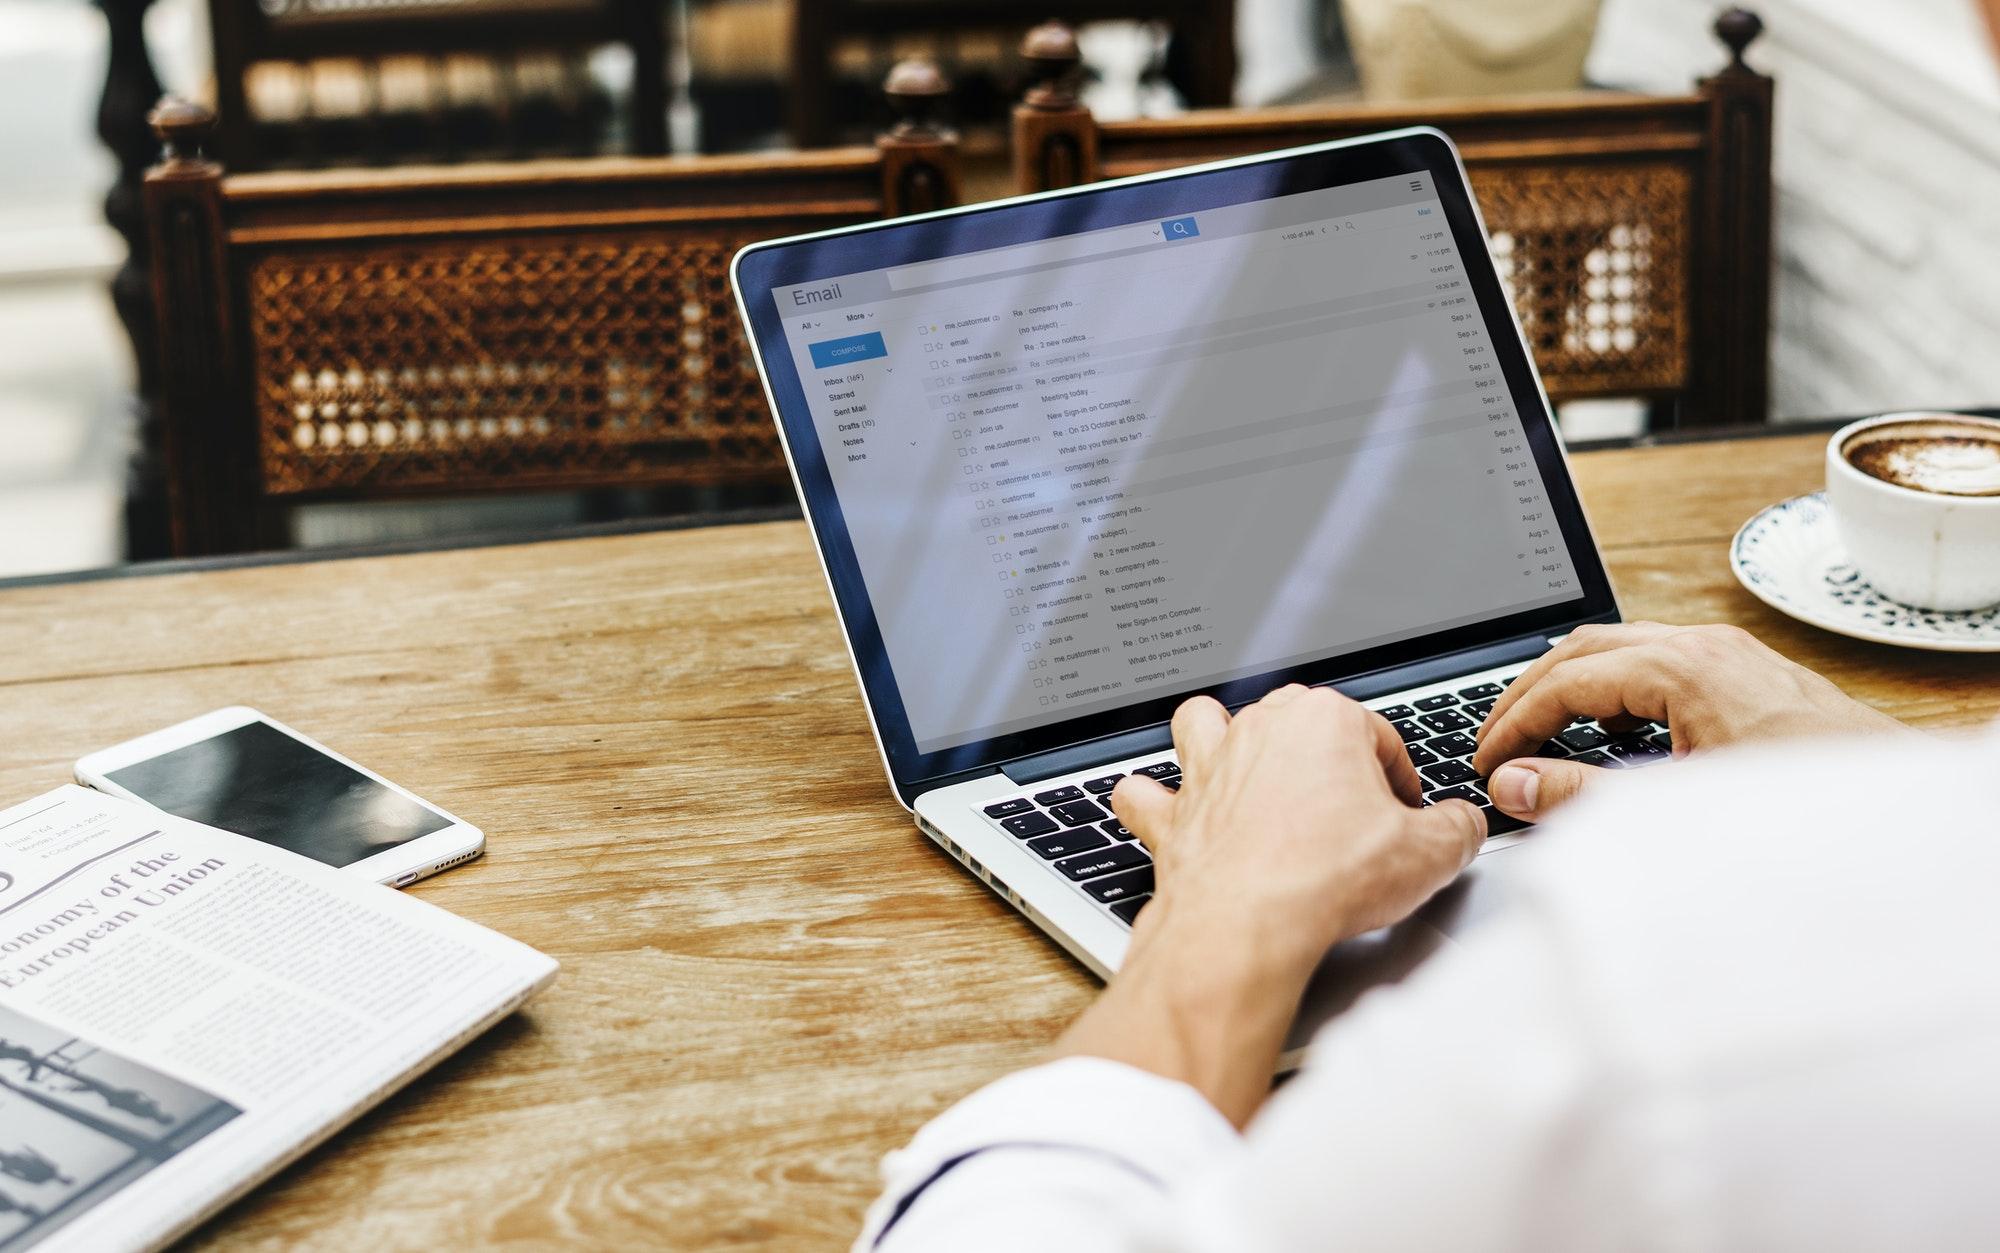 Vendas online: 57% das empresas estão conectadas apenas para utilizar o recurso